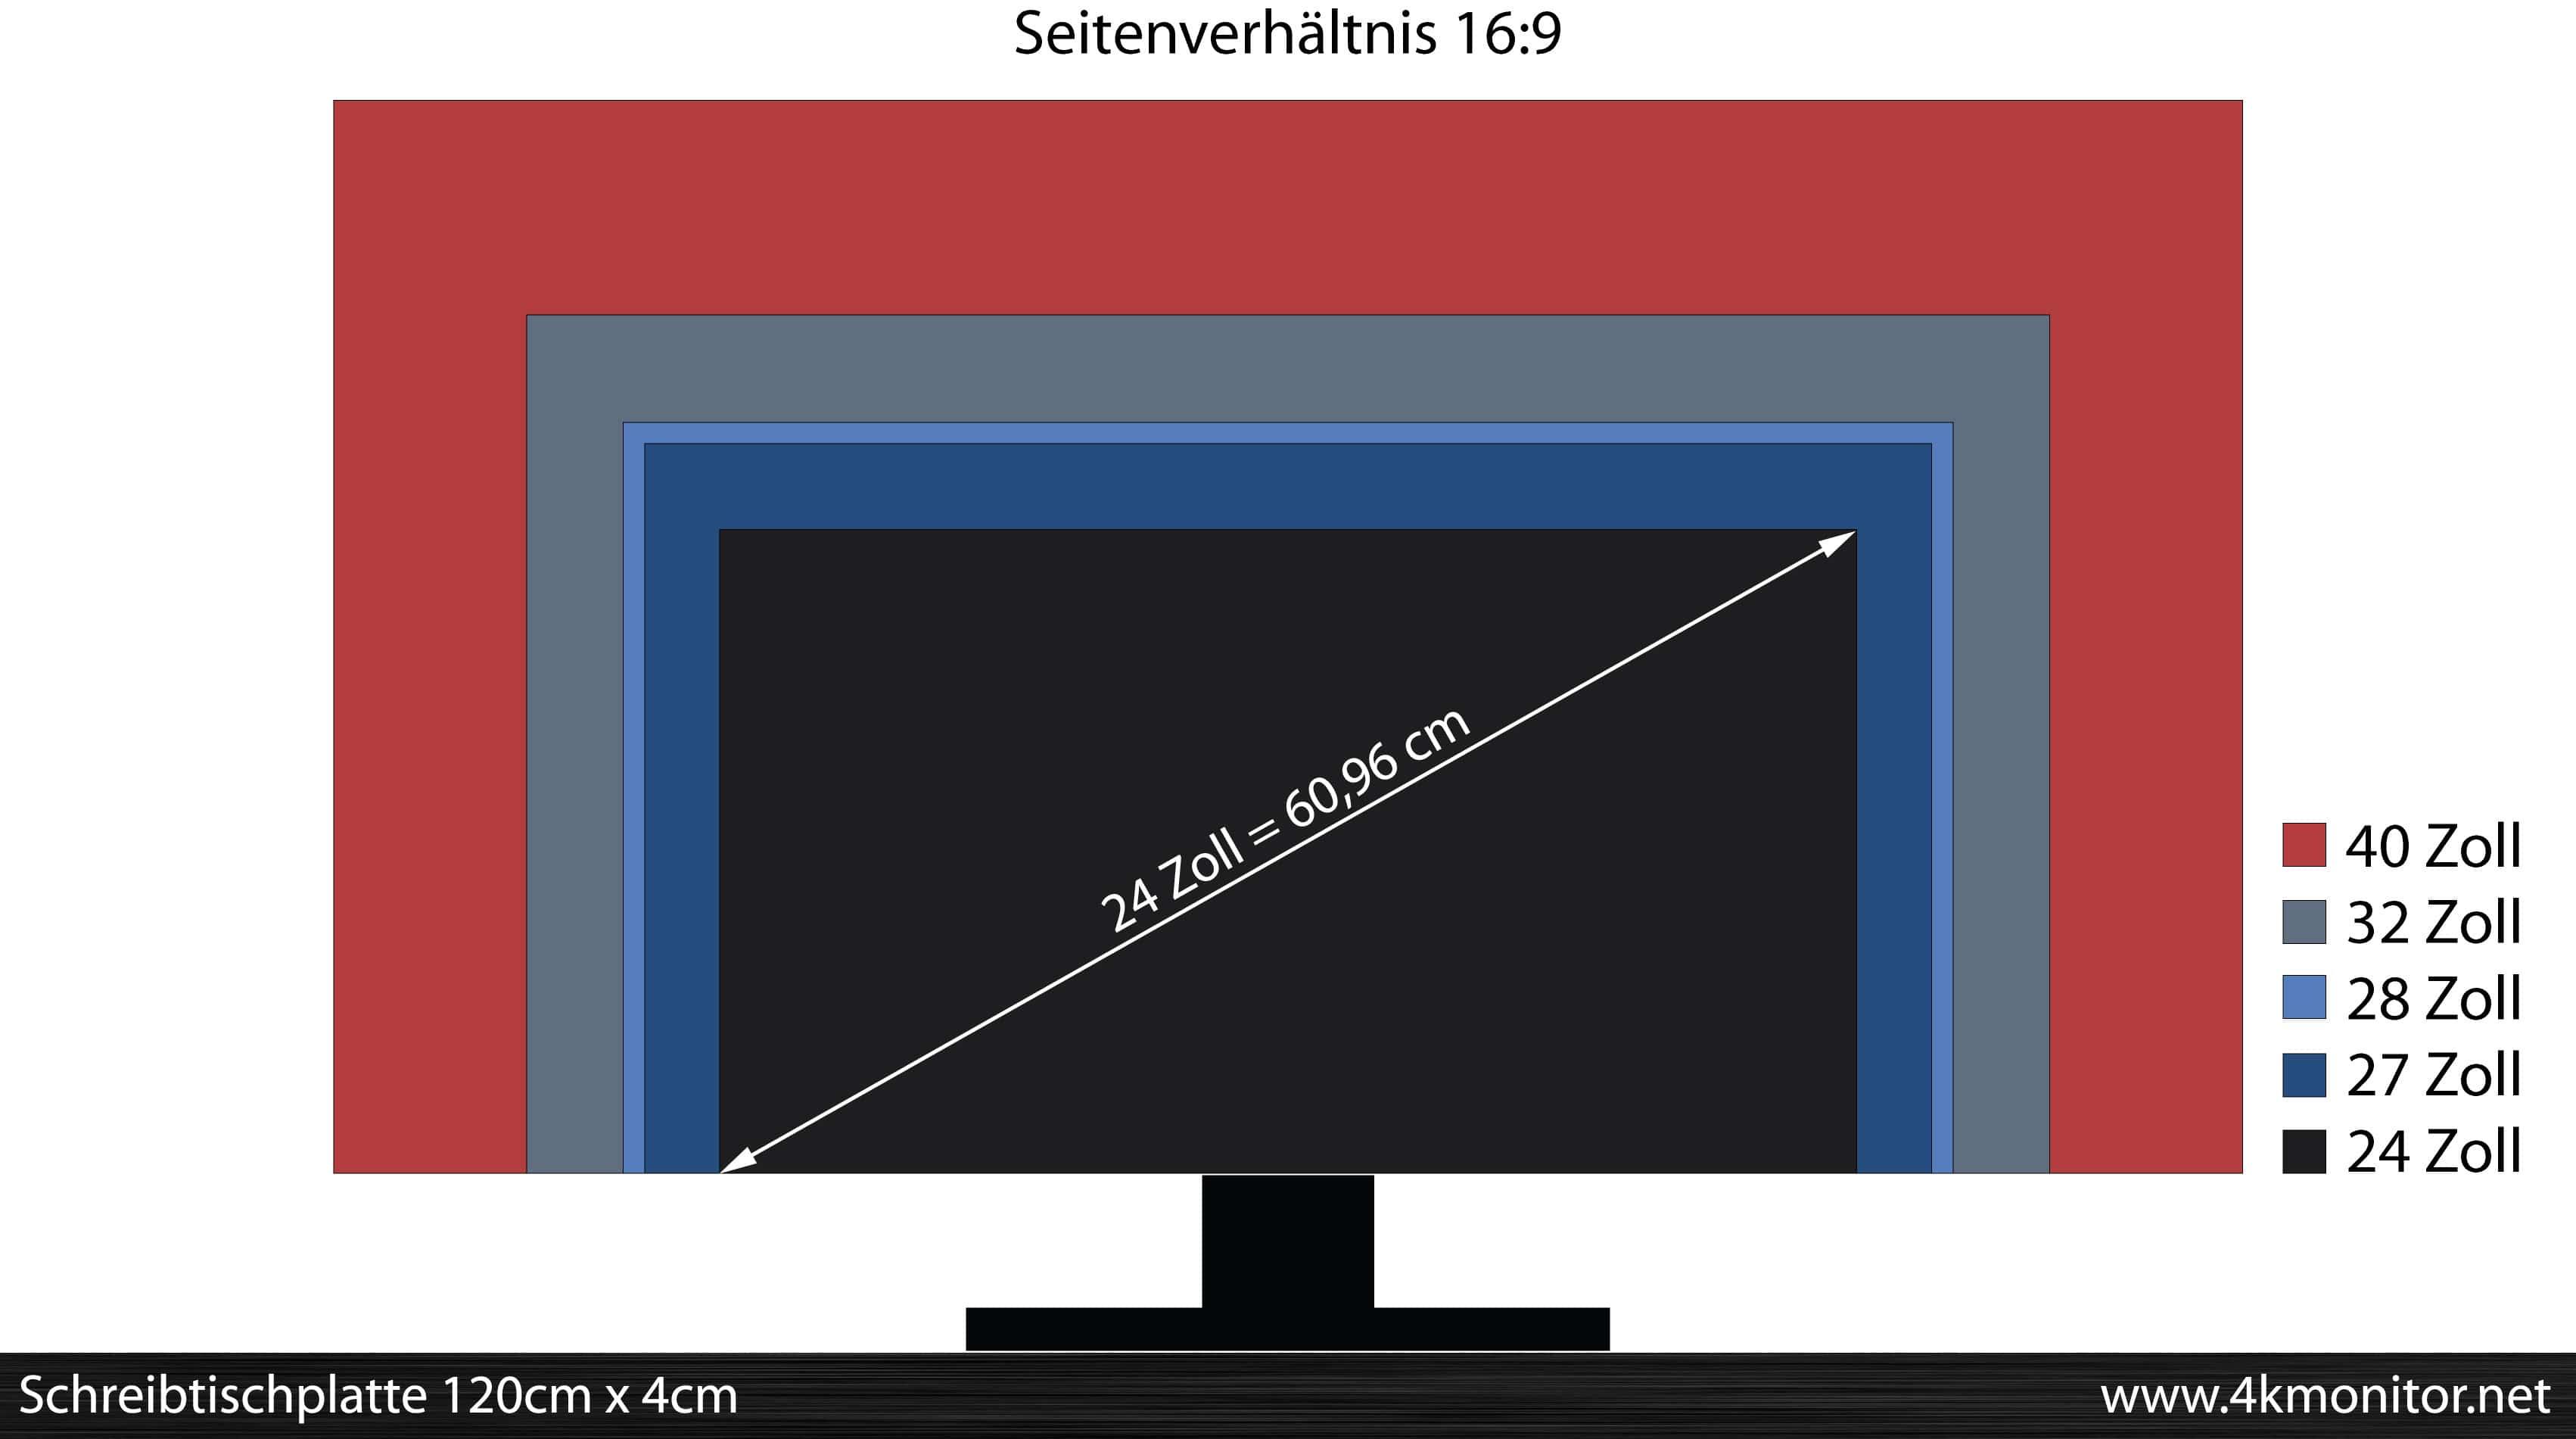 4k monitore im test dies sind die besten u hd bildschirme. Black Bedroom Furniture Sets. Home Design Ideas